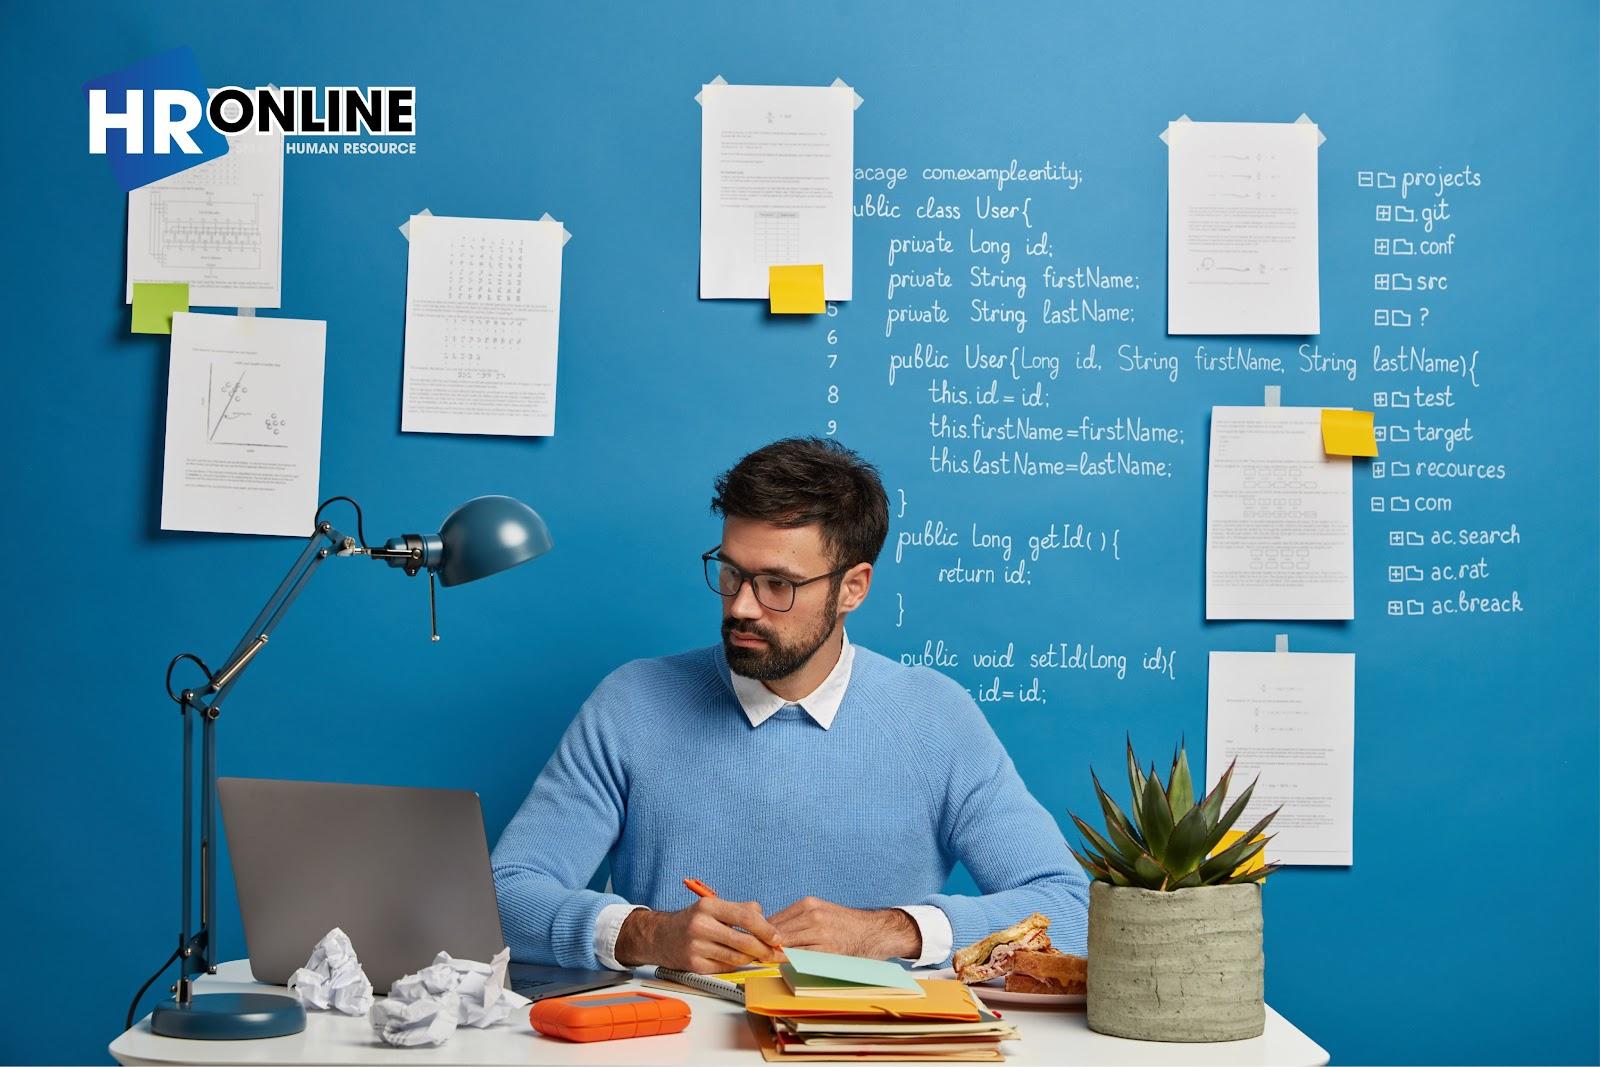 Kỹ năng tổ chức và sắp xếp hiệu quả giúp bạn hoàn thành deadline đúng hẹn